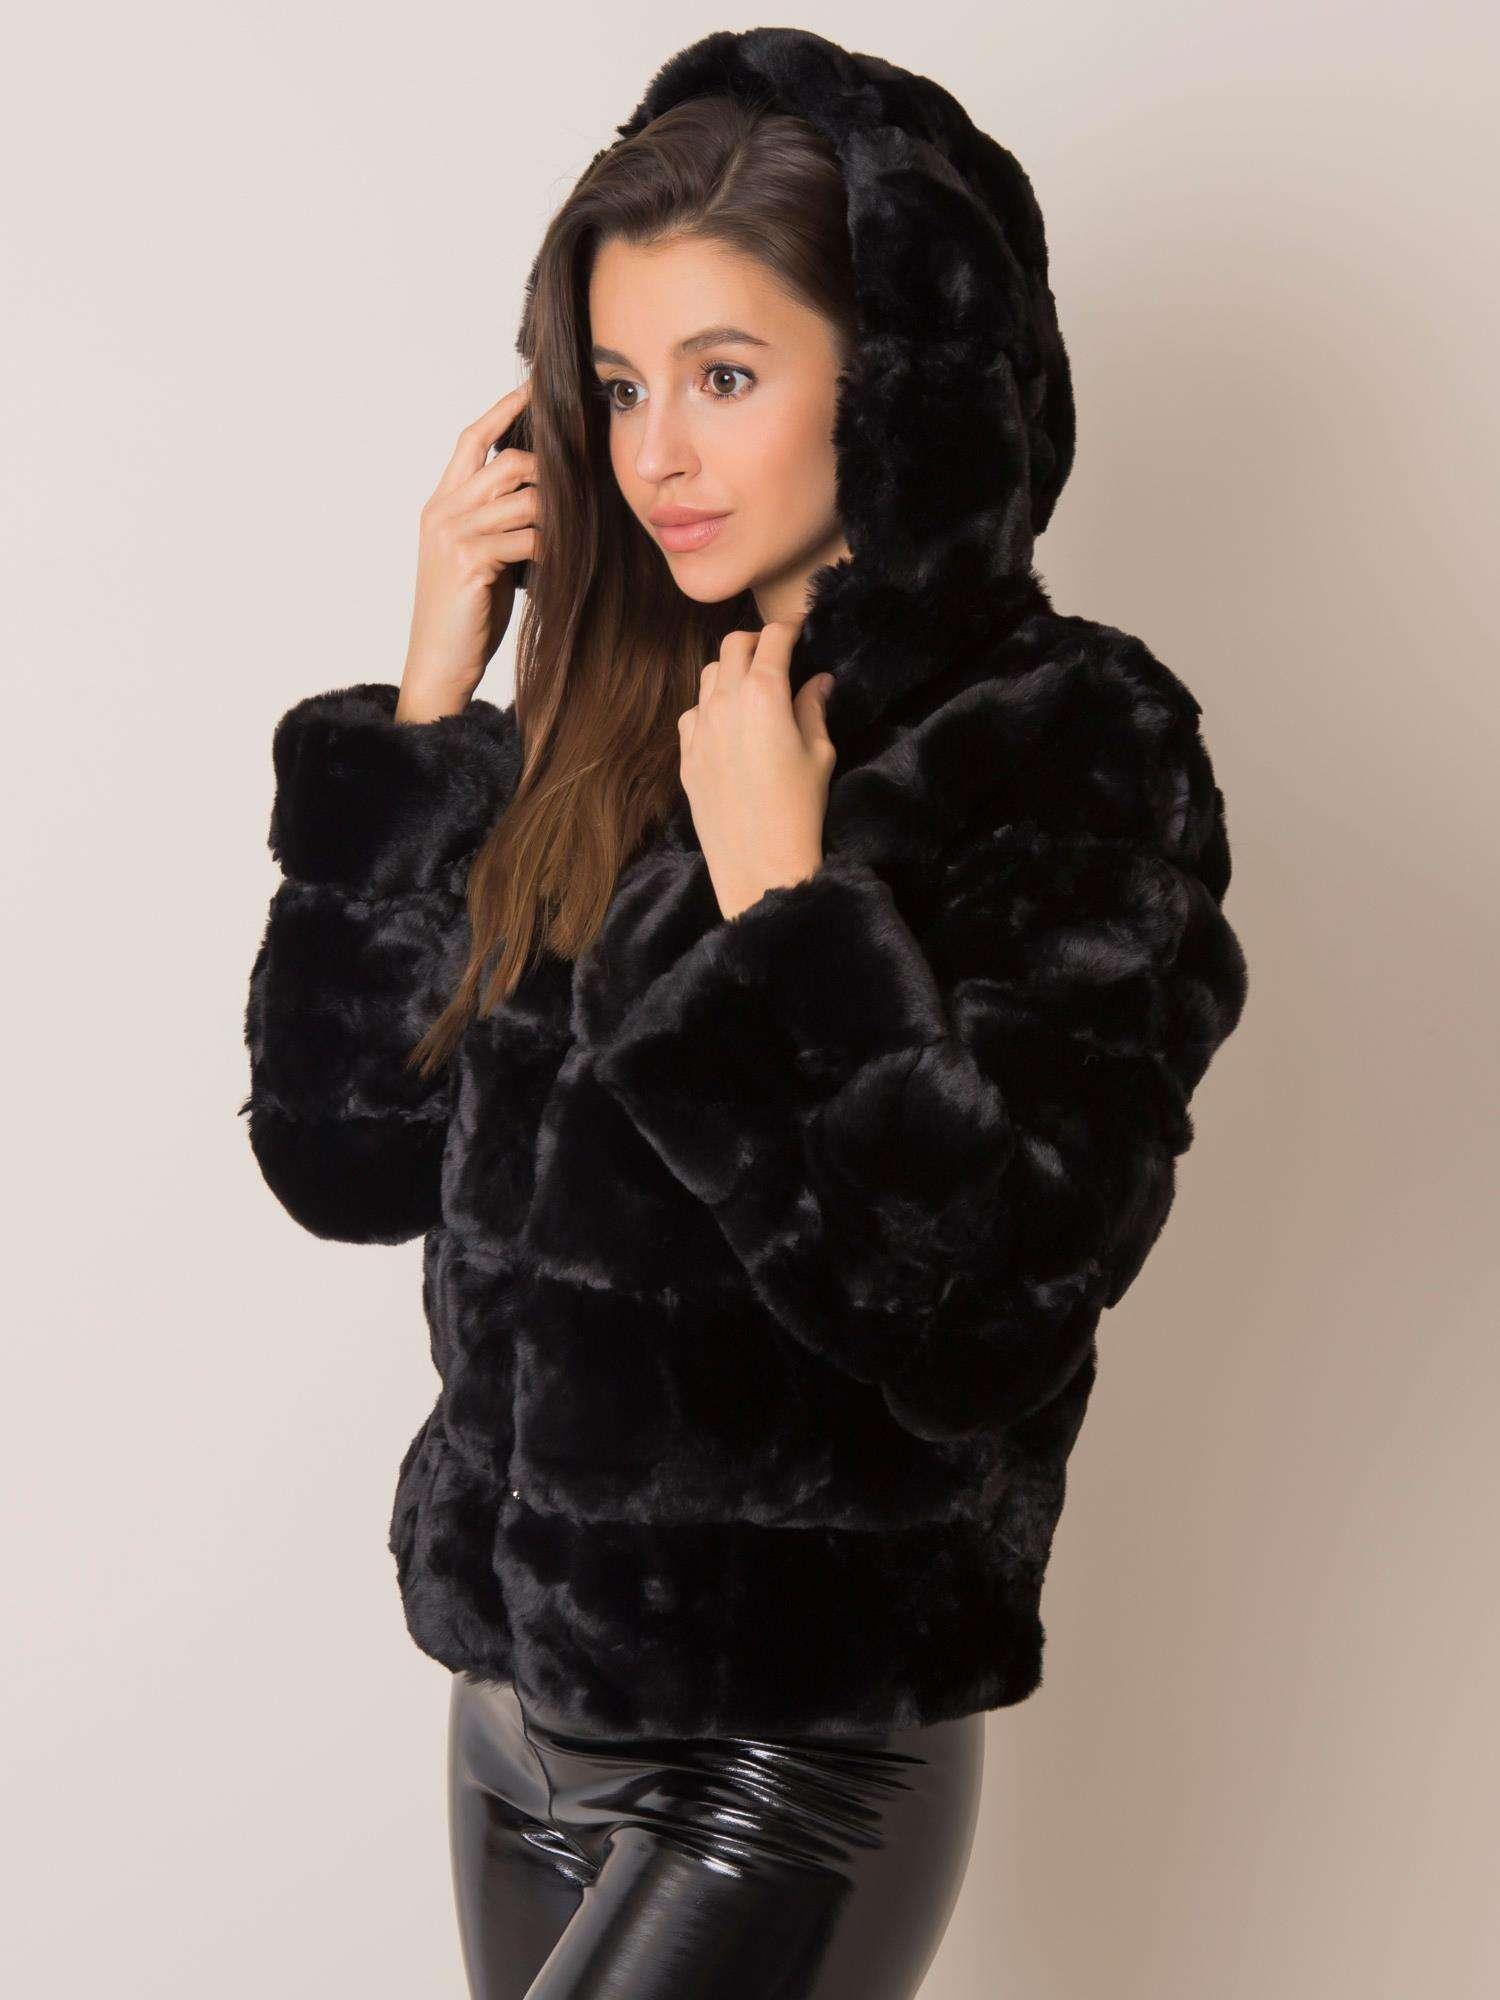 Čierna kožušinová bunda s kapucňou - XXL/3XL